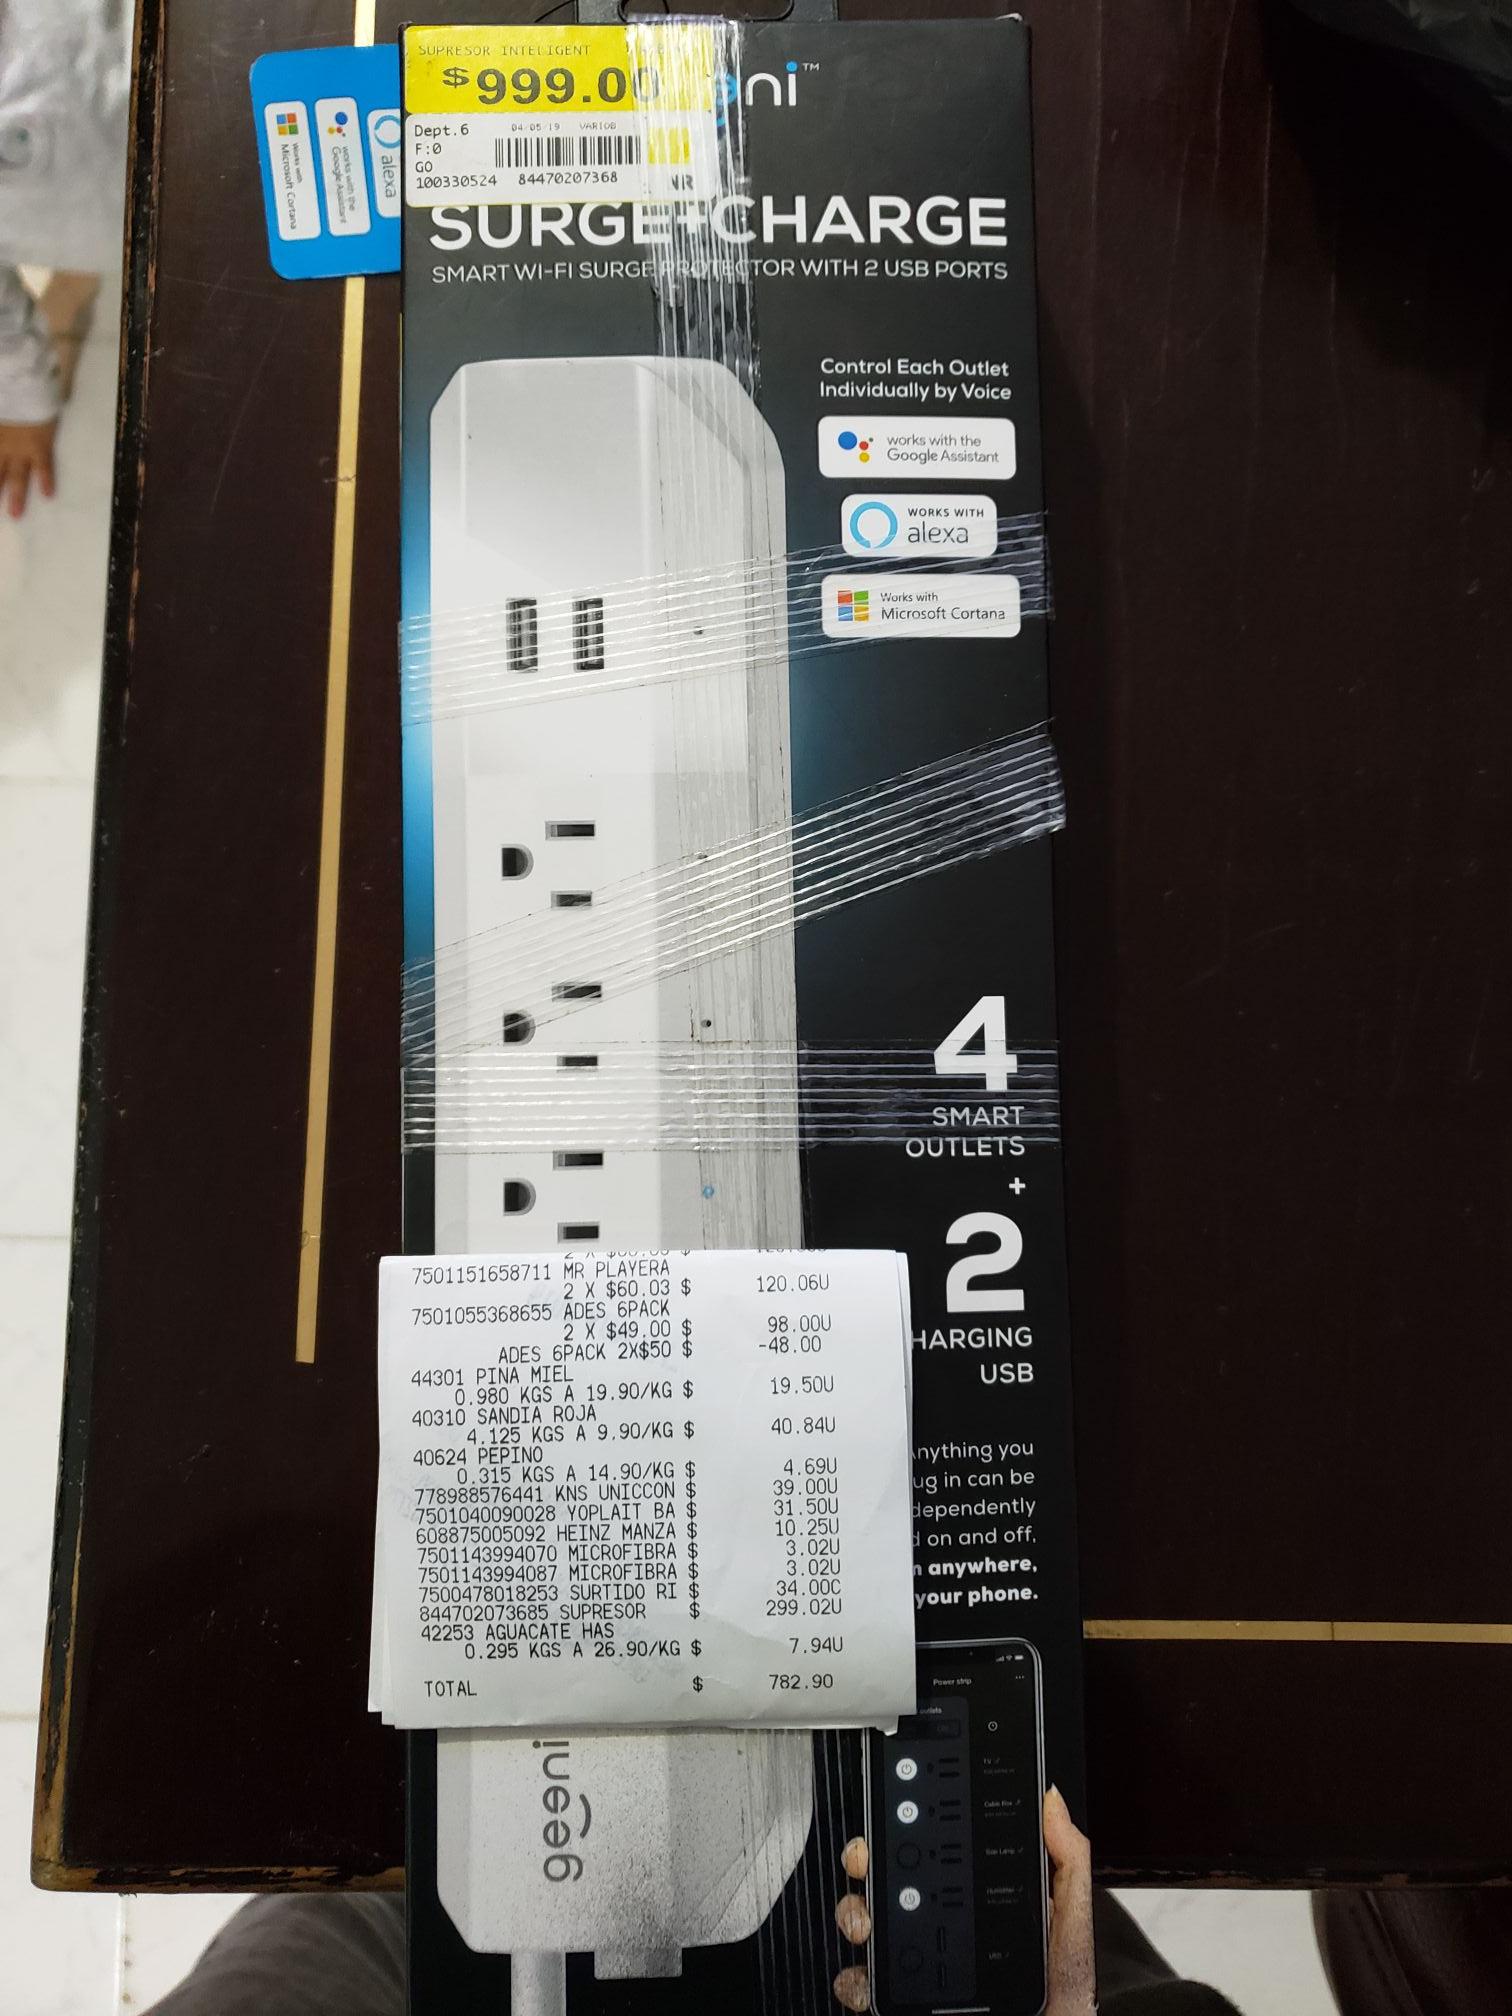 Walmart plaza oriente: Geeni, multicontacto 4 salidas protegidas y 2 usb, funciona con voz y WiFi